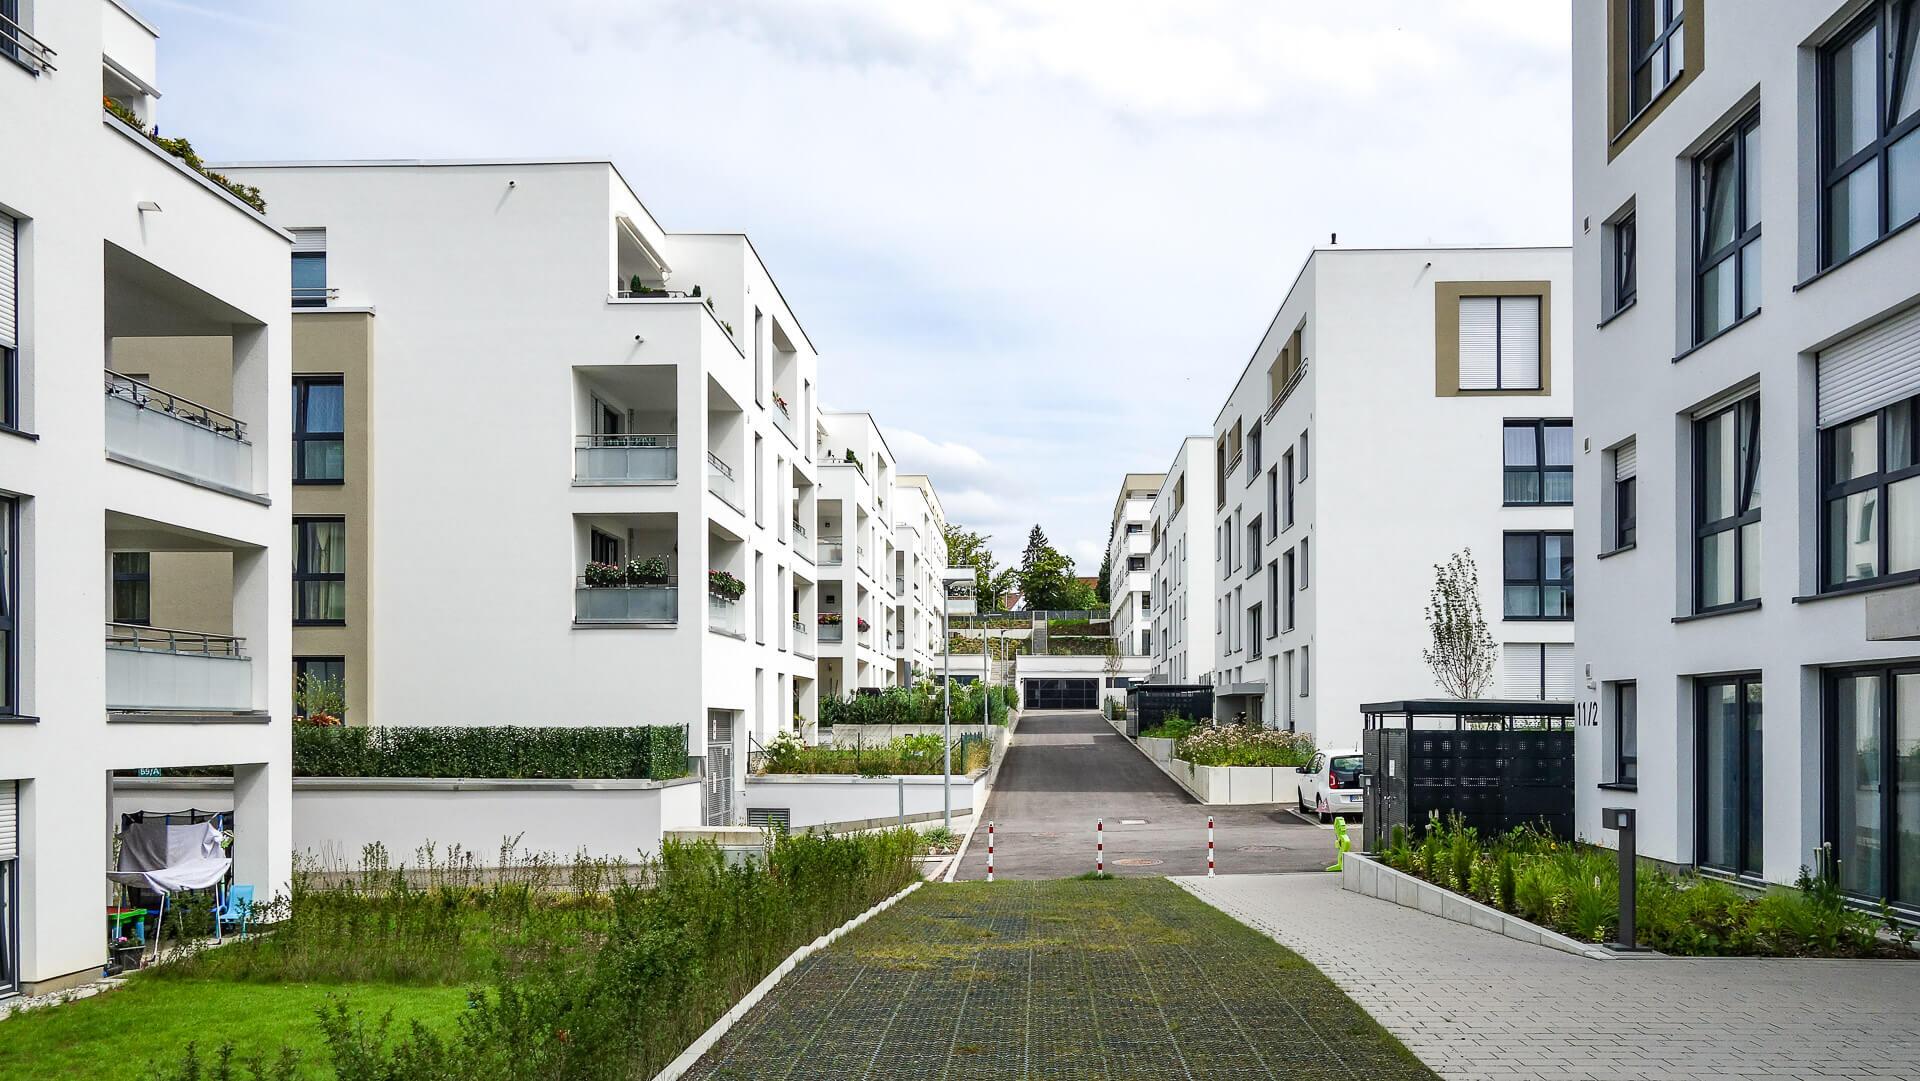 Neubau von 16 Mehrfamilienhäusern mit Tiefgarage in Leonberg